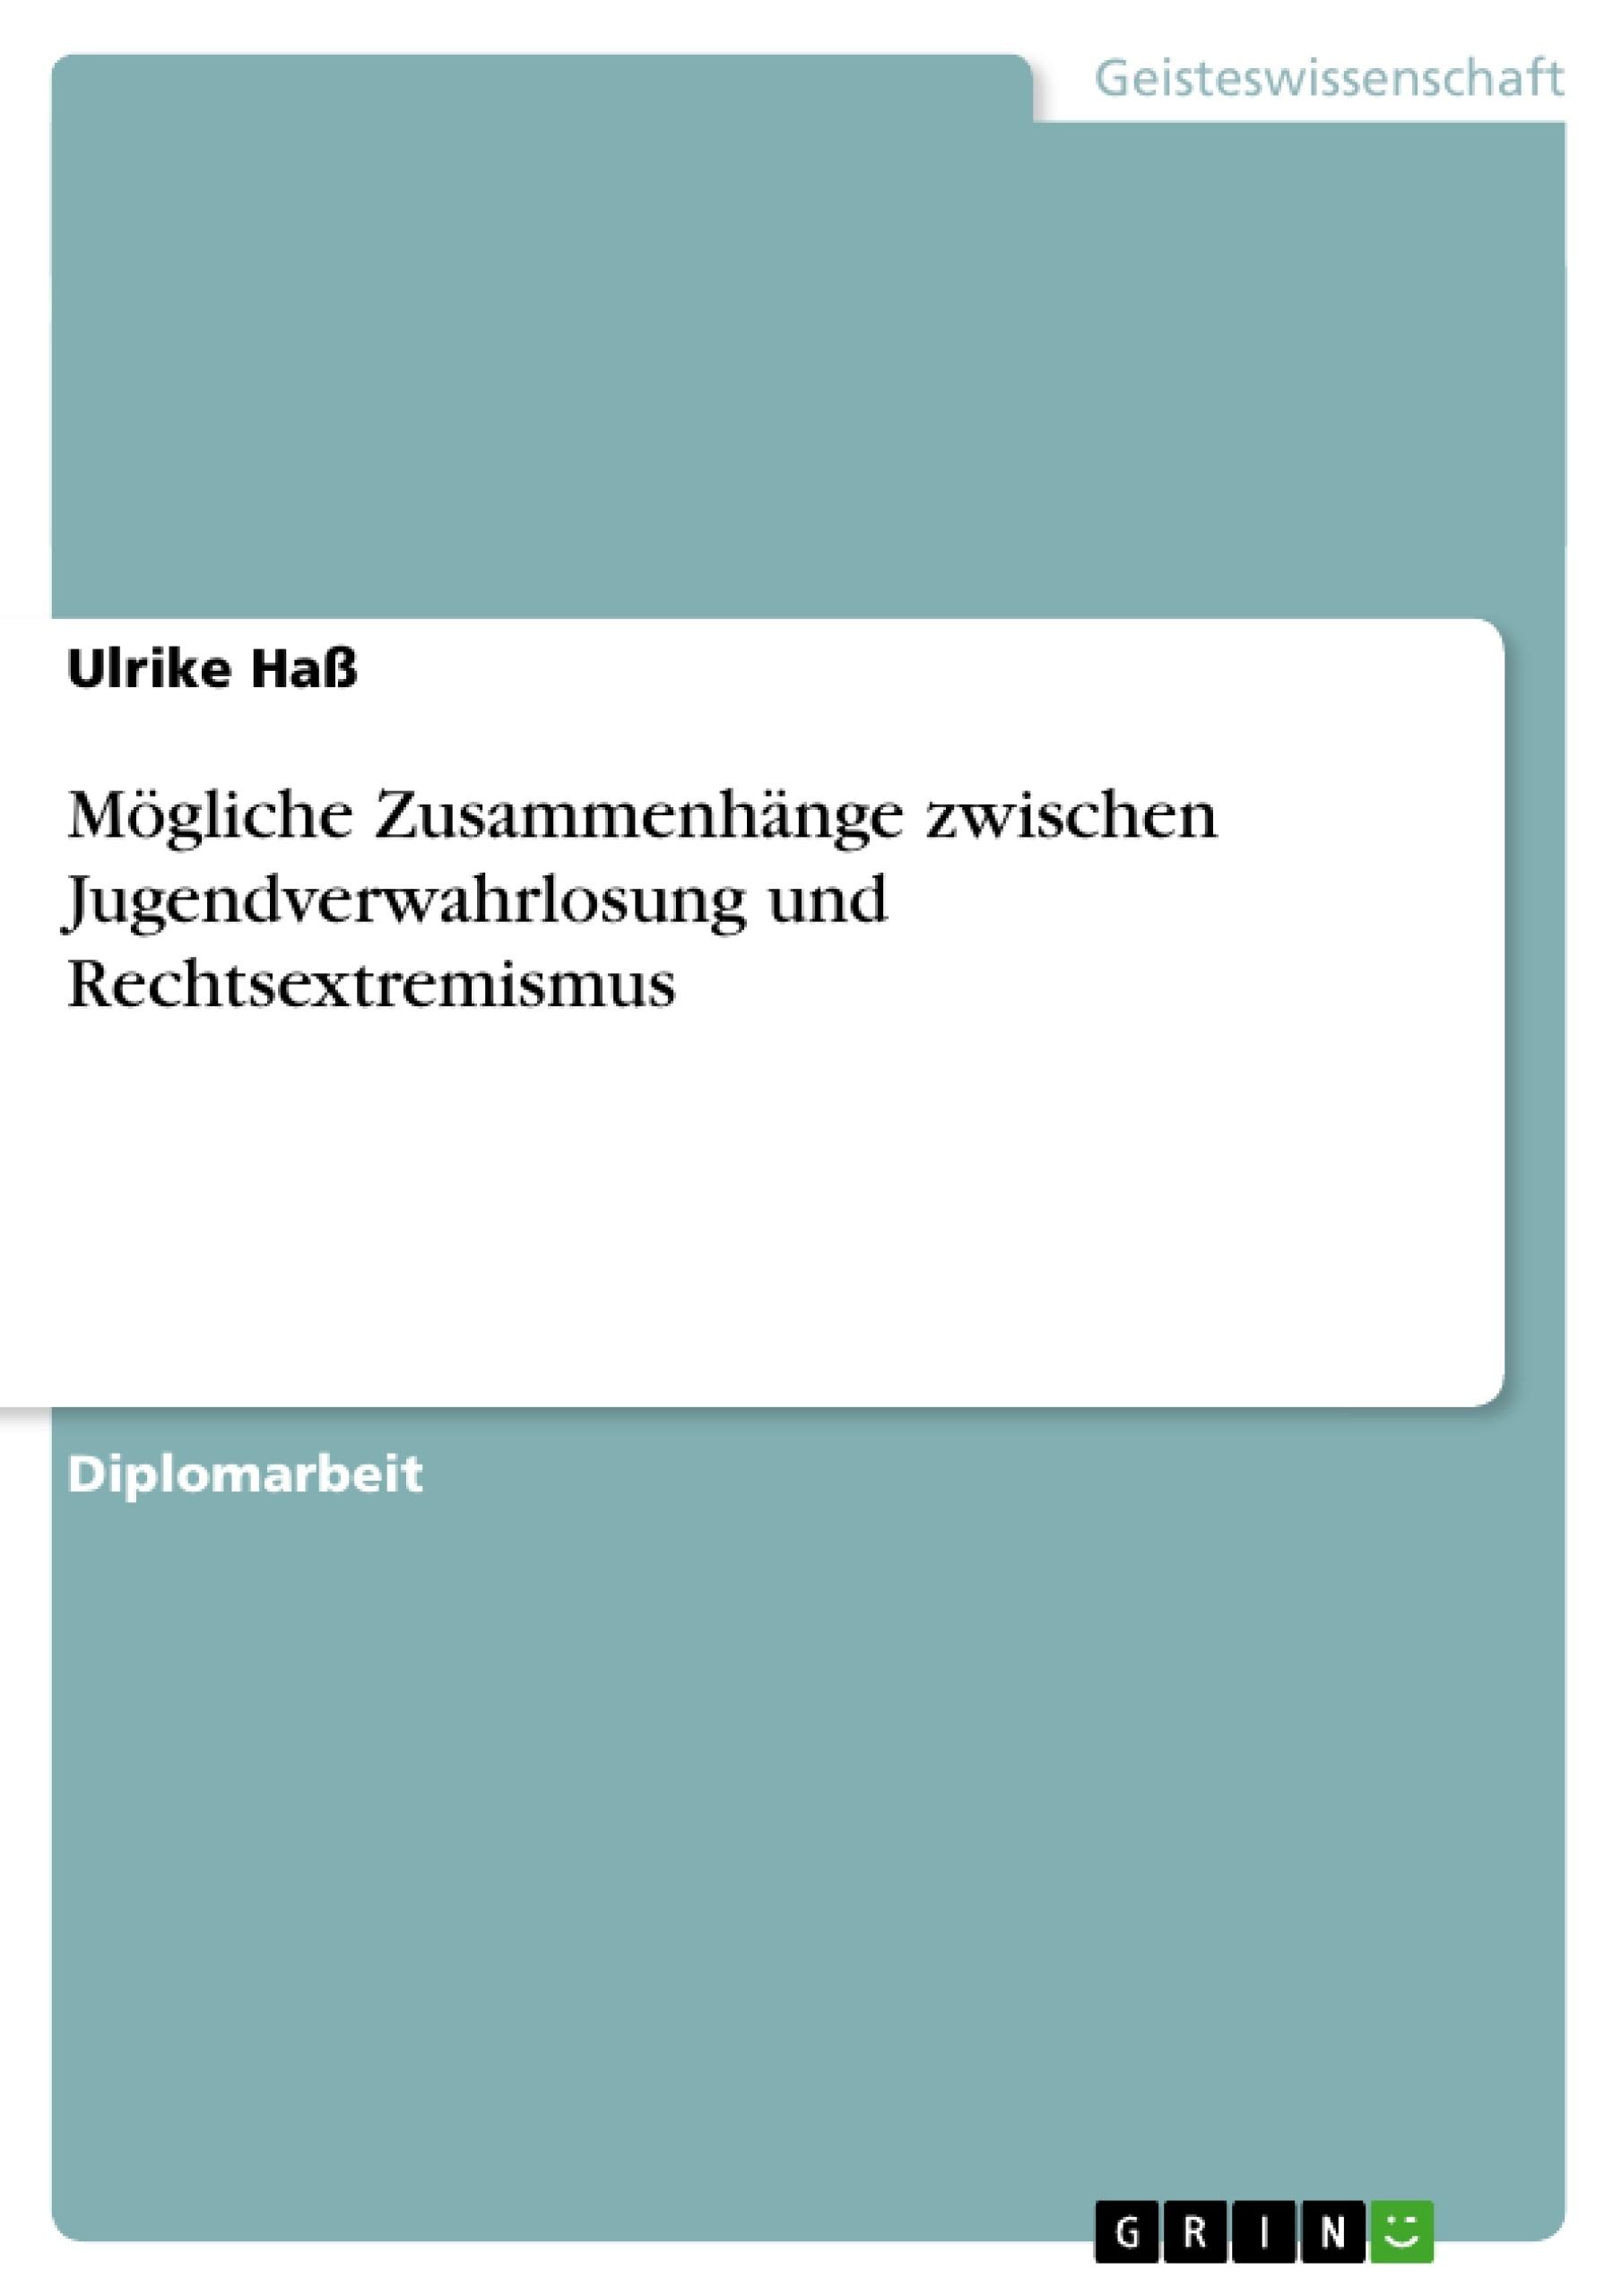 Titel: Mögliche Zusammenhänge zwischen Jugendverwahrlosung und Rechtsextremismus